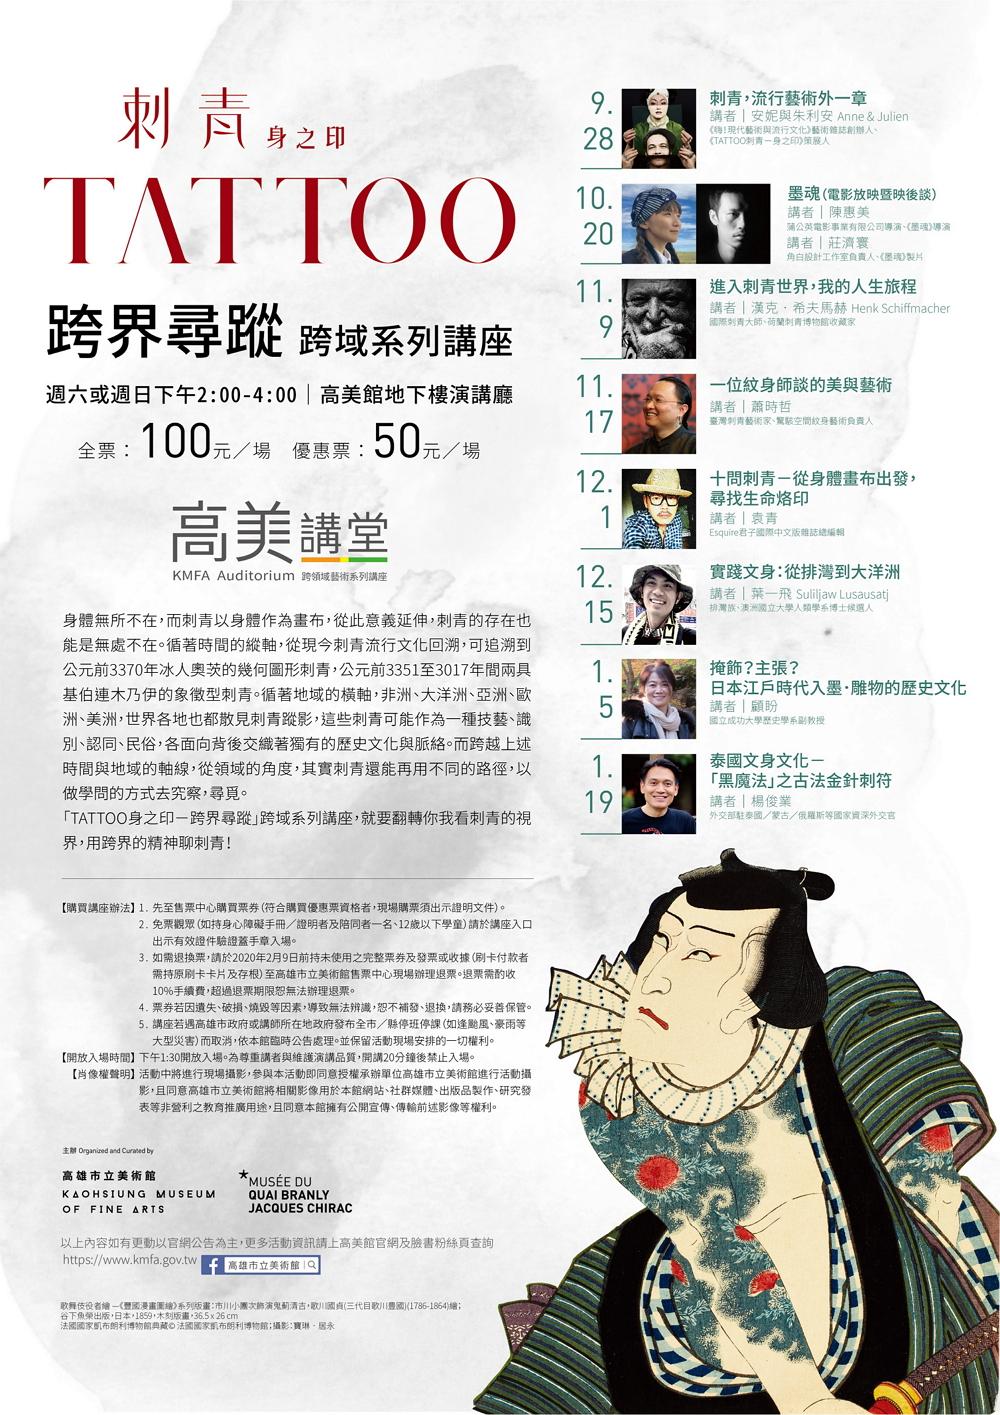 《TATTOO身之印-跨界尋蹤》高美館跨域藝術系列講座活動訊息,歡迎踴躍報名參加!